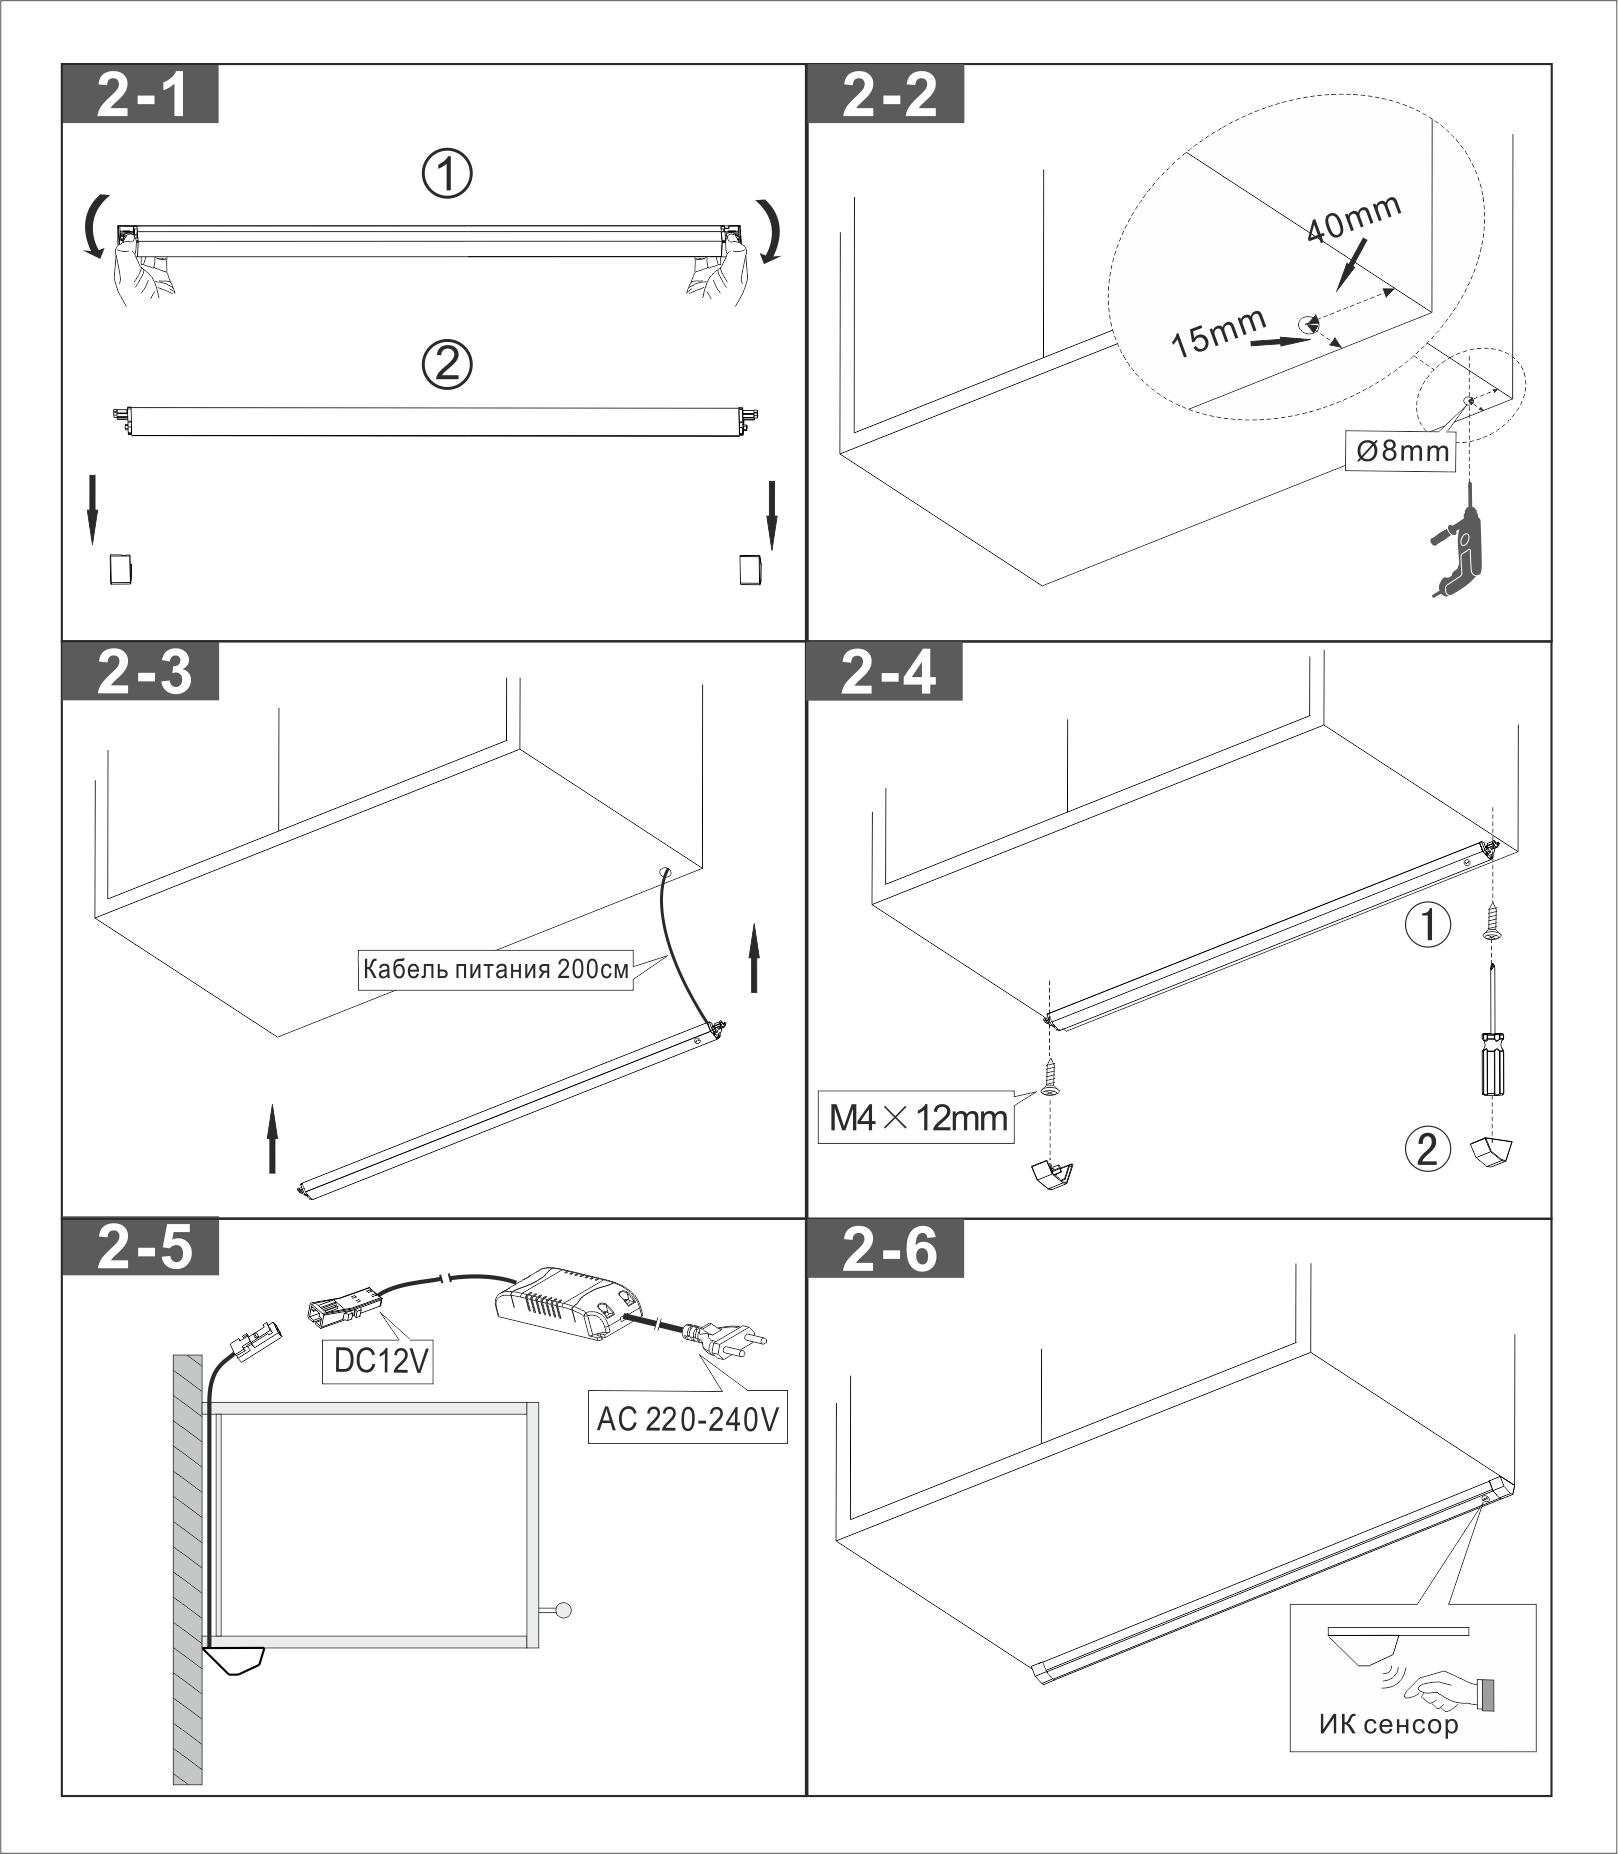 КСС LED Strip-IR | Комплект со светильником 450mm, 12В, 3,6Вт, 4500К — GLS